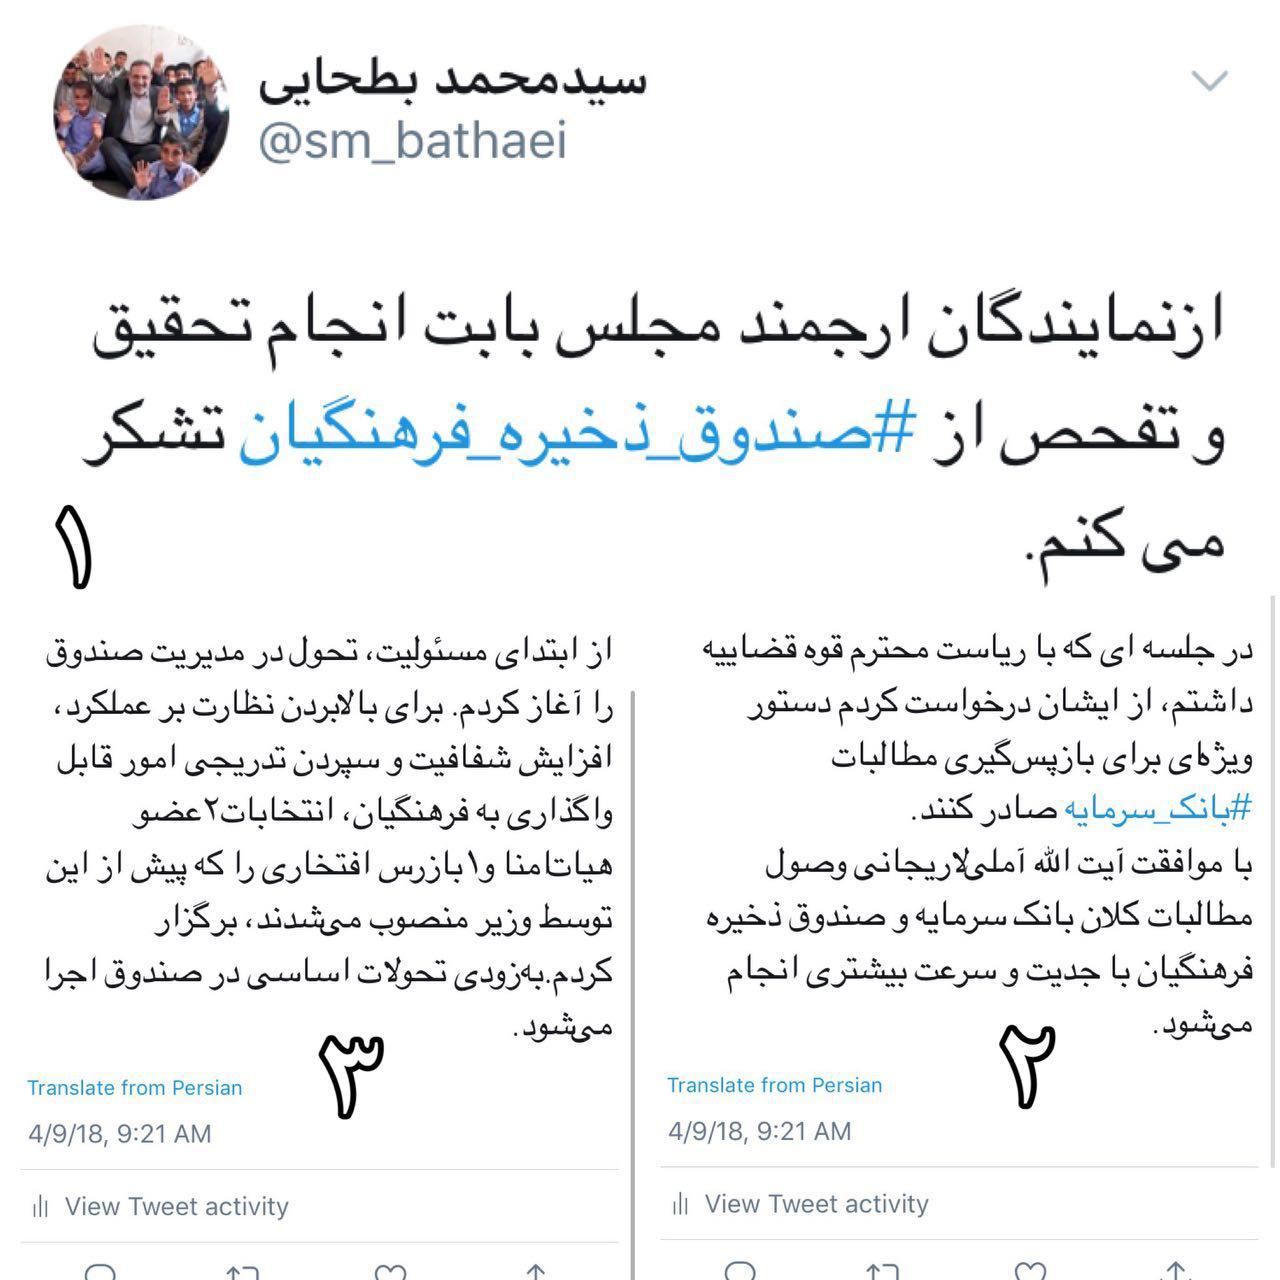 قدردانی بطحایی از نمایندگان مجلس برای تحقیق و تفحص از  صندوق ذخیره فرهنگیان